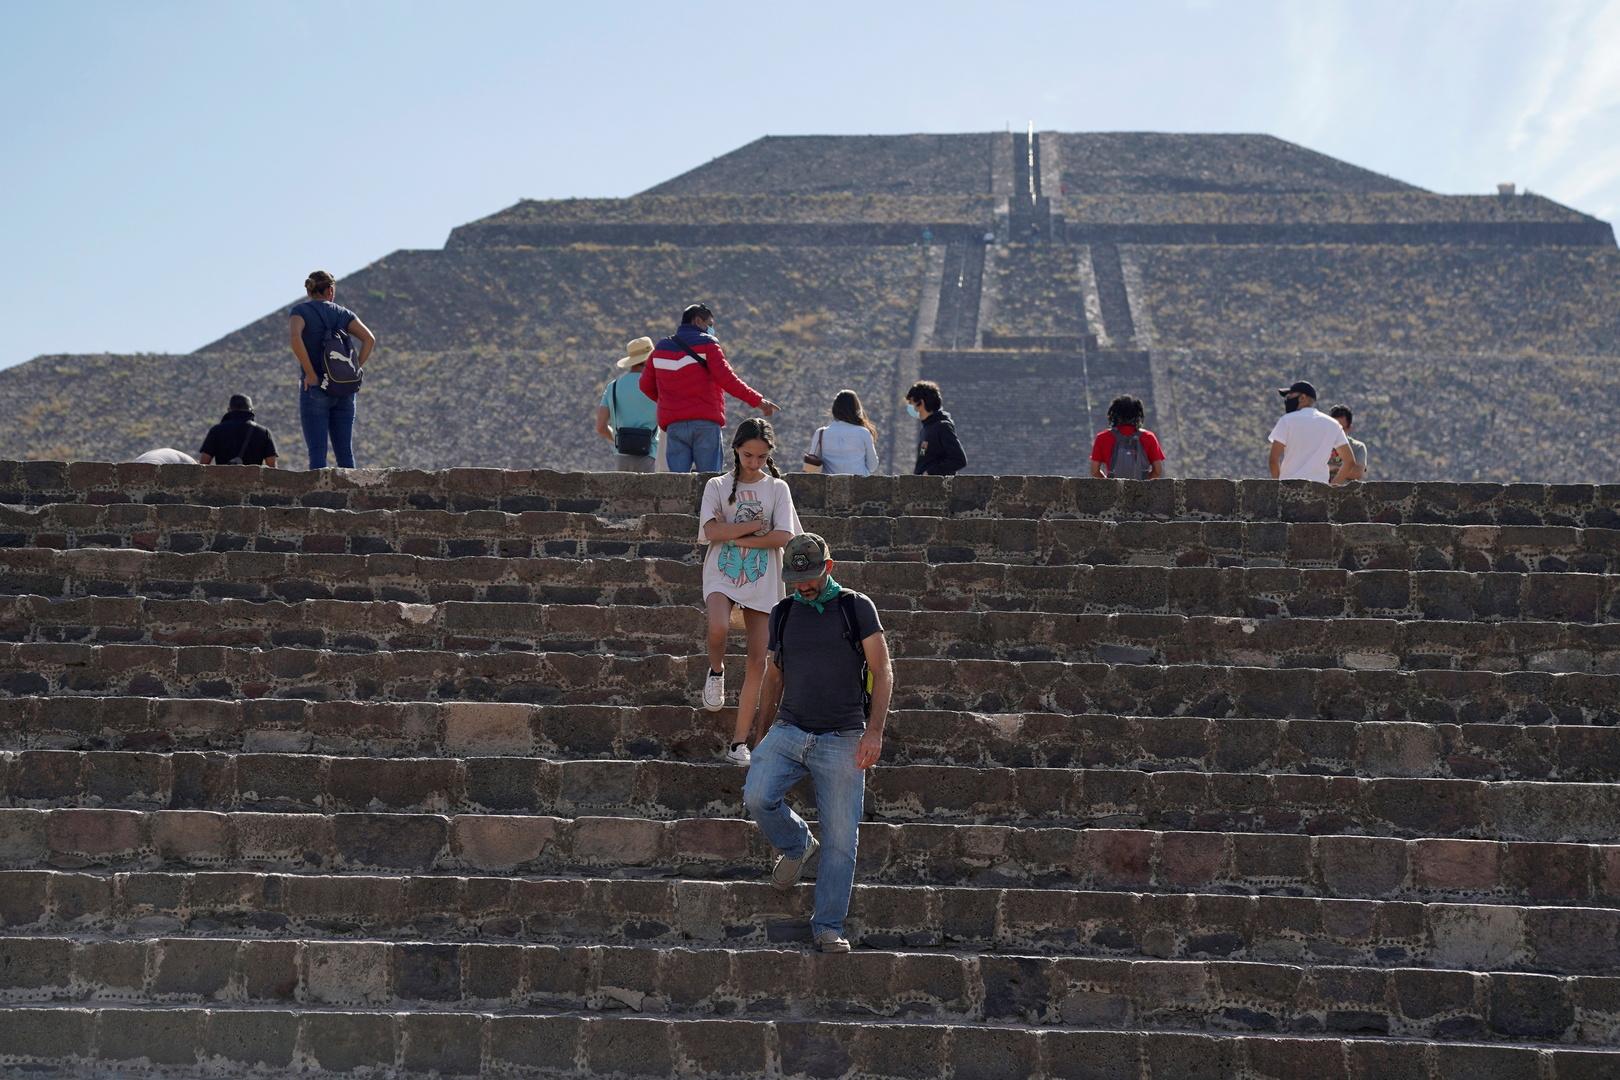 المكسيك تسجل 7407 إصابات و866 وفاة جديدة بفيروس كورونا